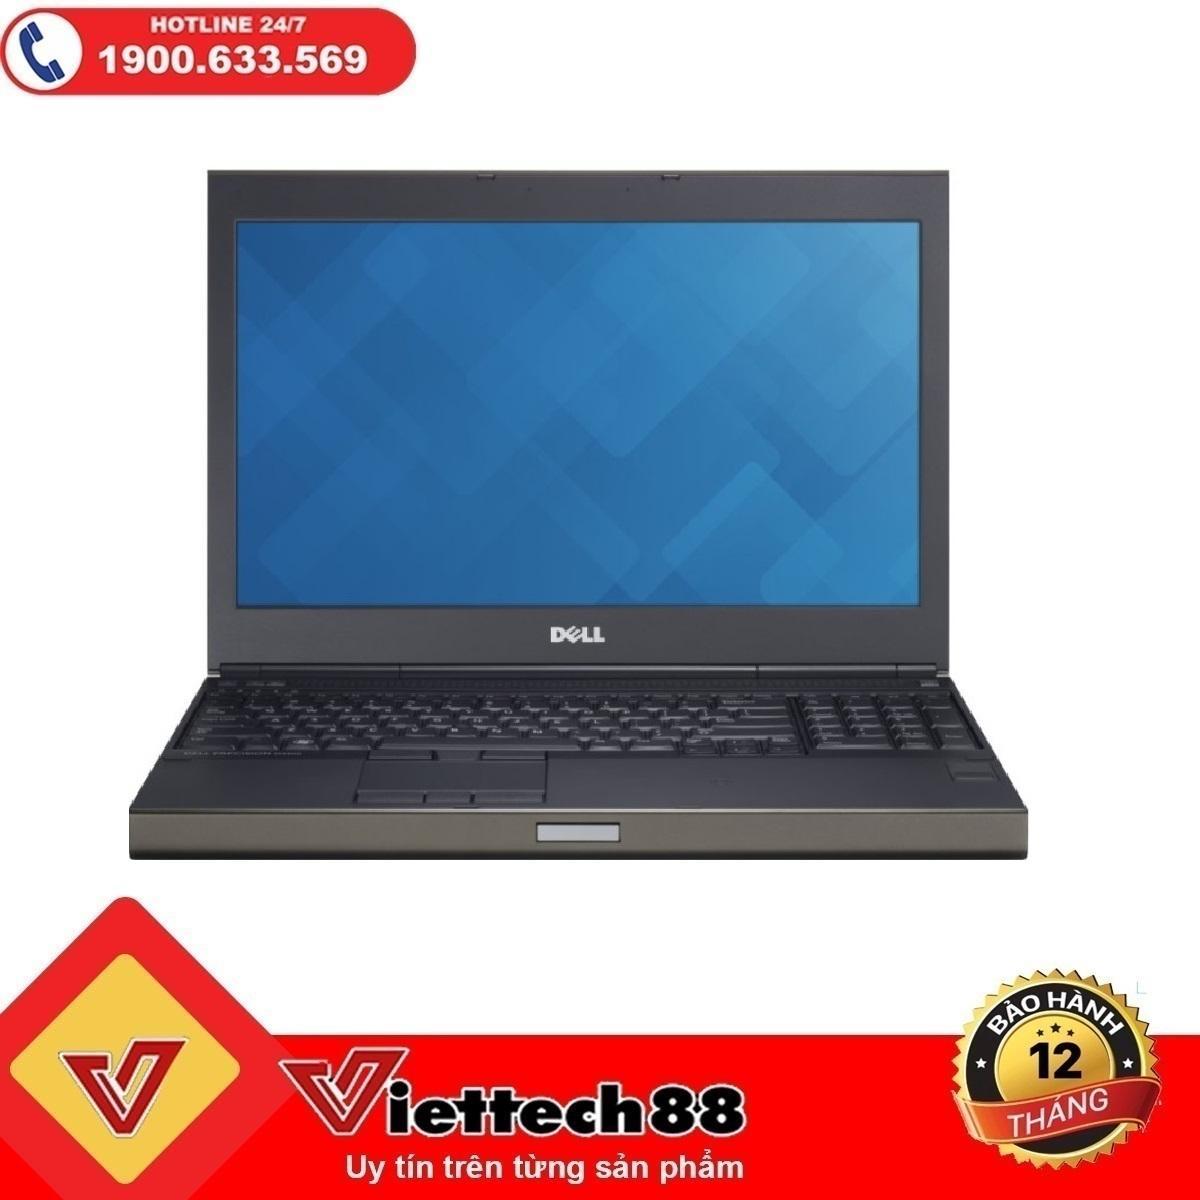 Voucher Khuyến Mãi Dell Pecision M4800 Core I7-4800MQ 8GB RAM HDD 500GB K2100M 15.6'' FHD